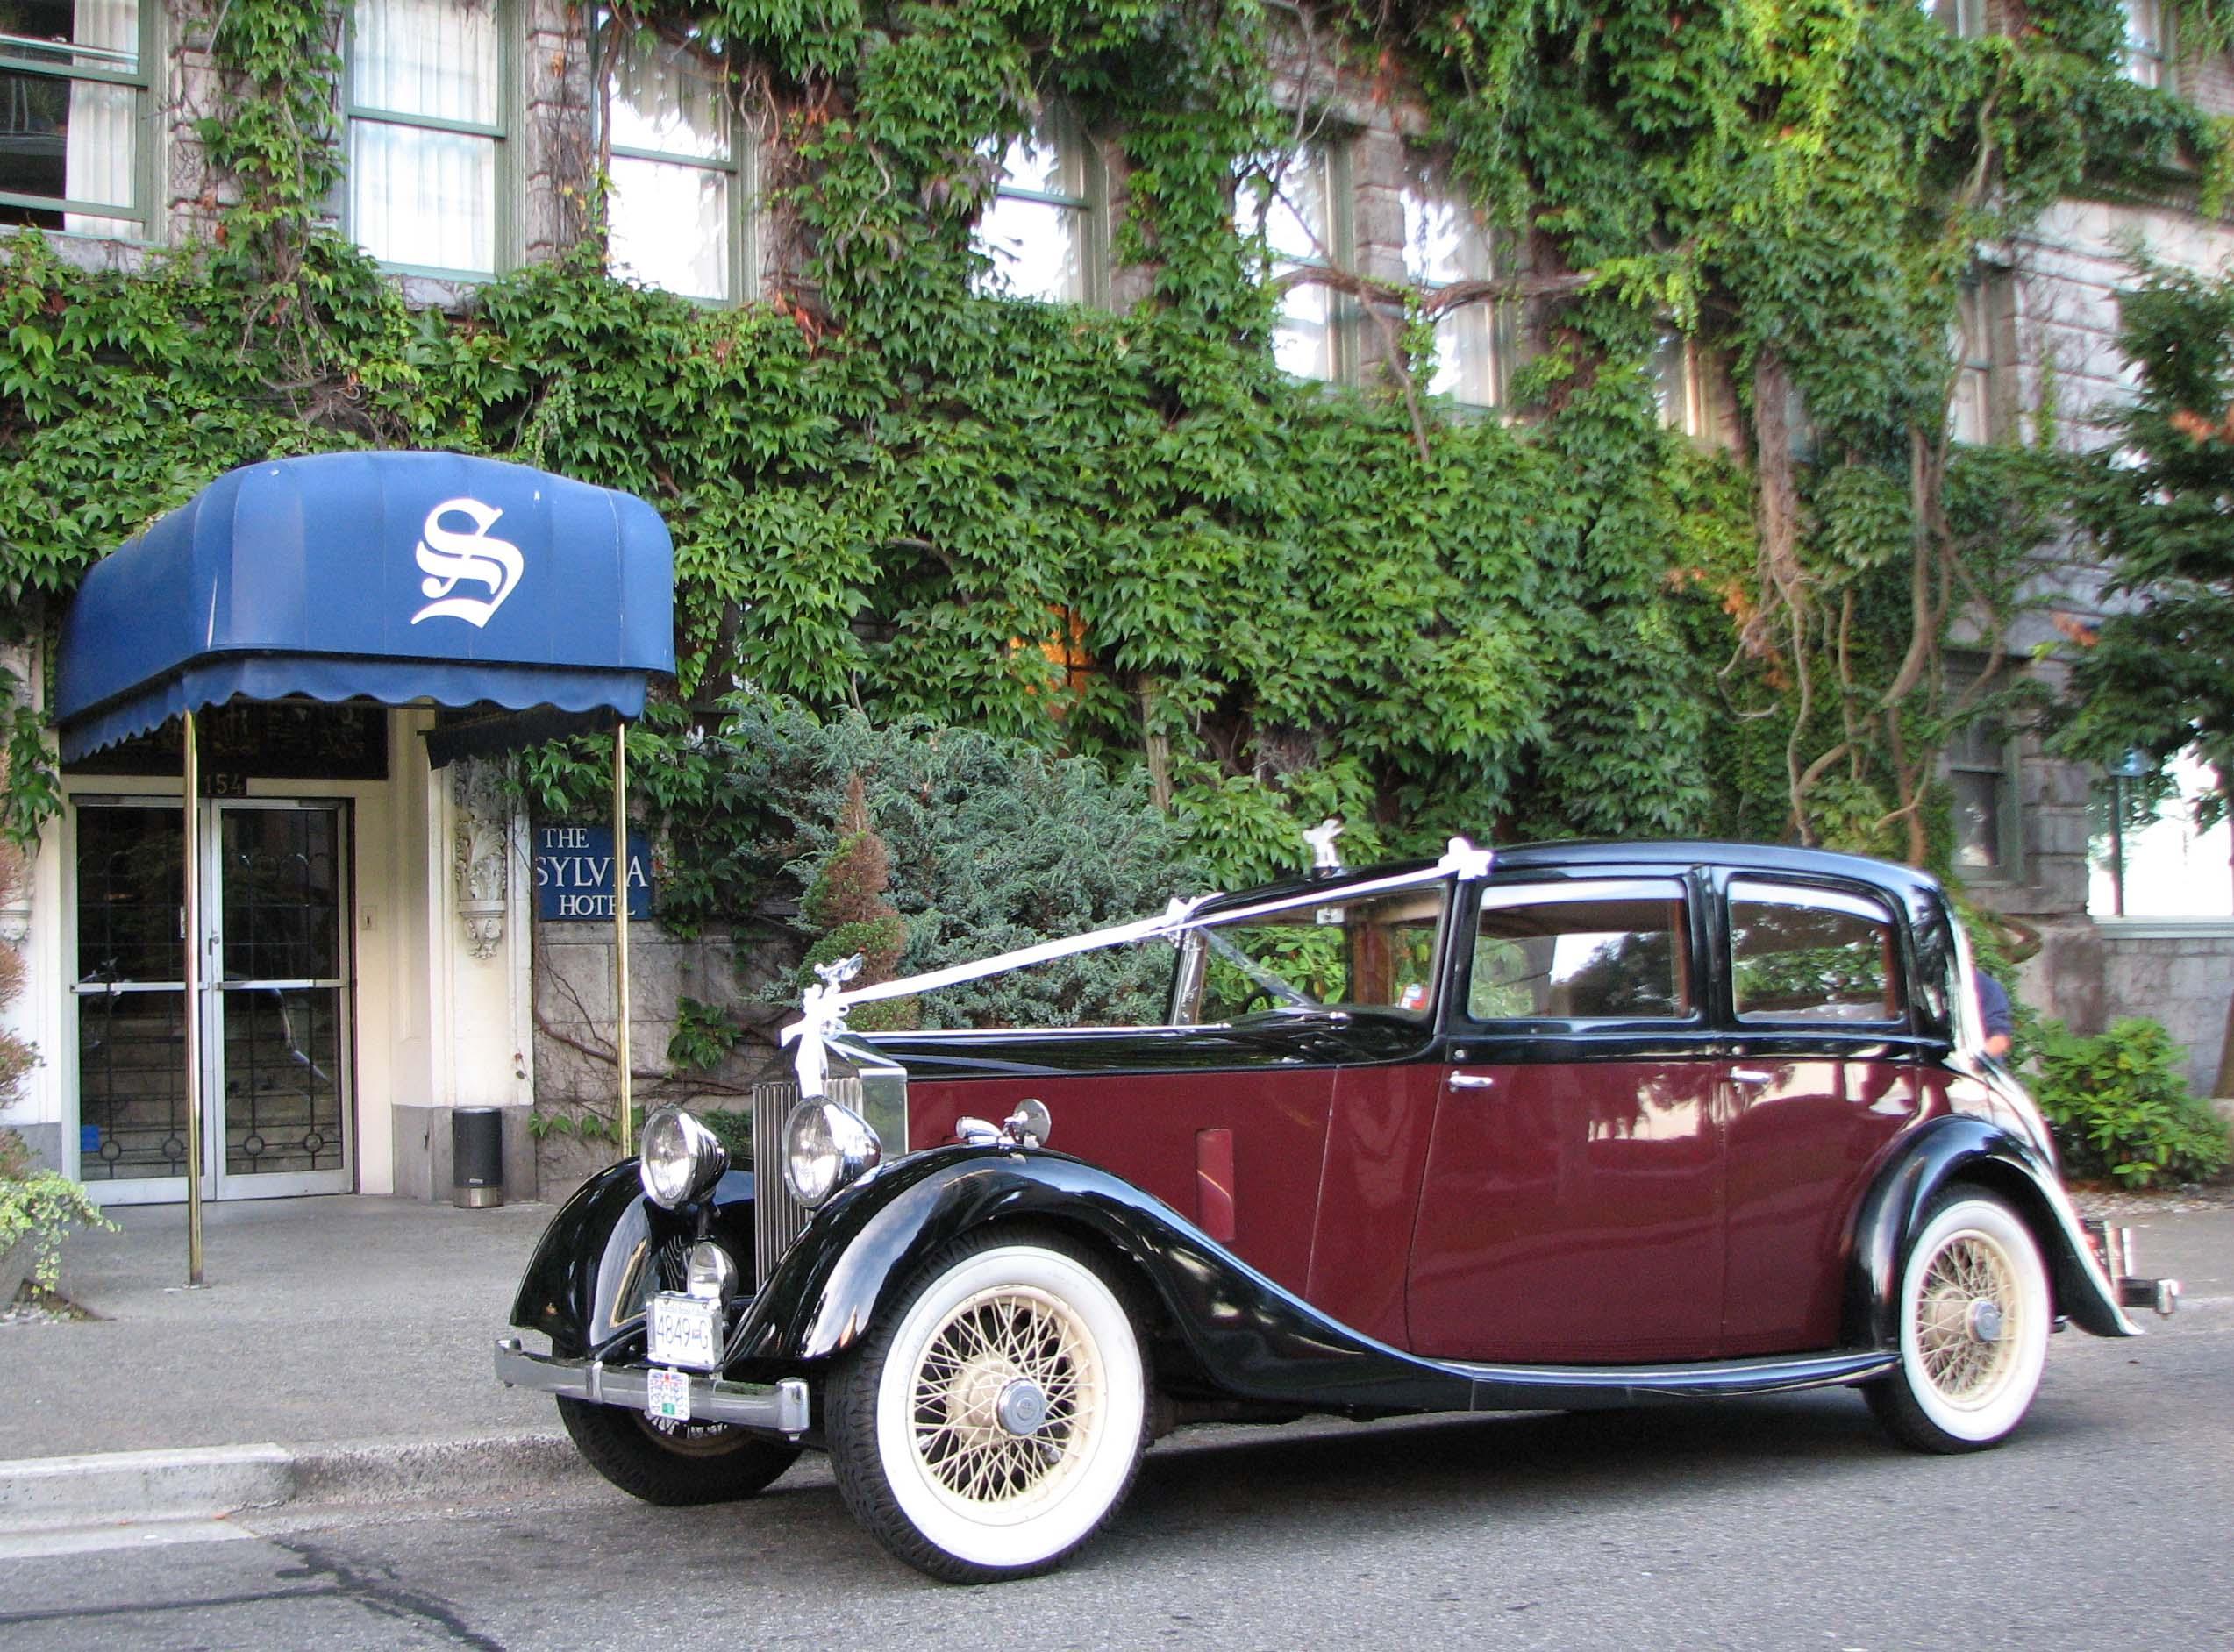 1935-rolls-royce-vancouver-vintage-wedding-car